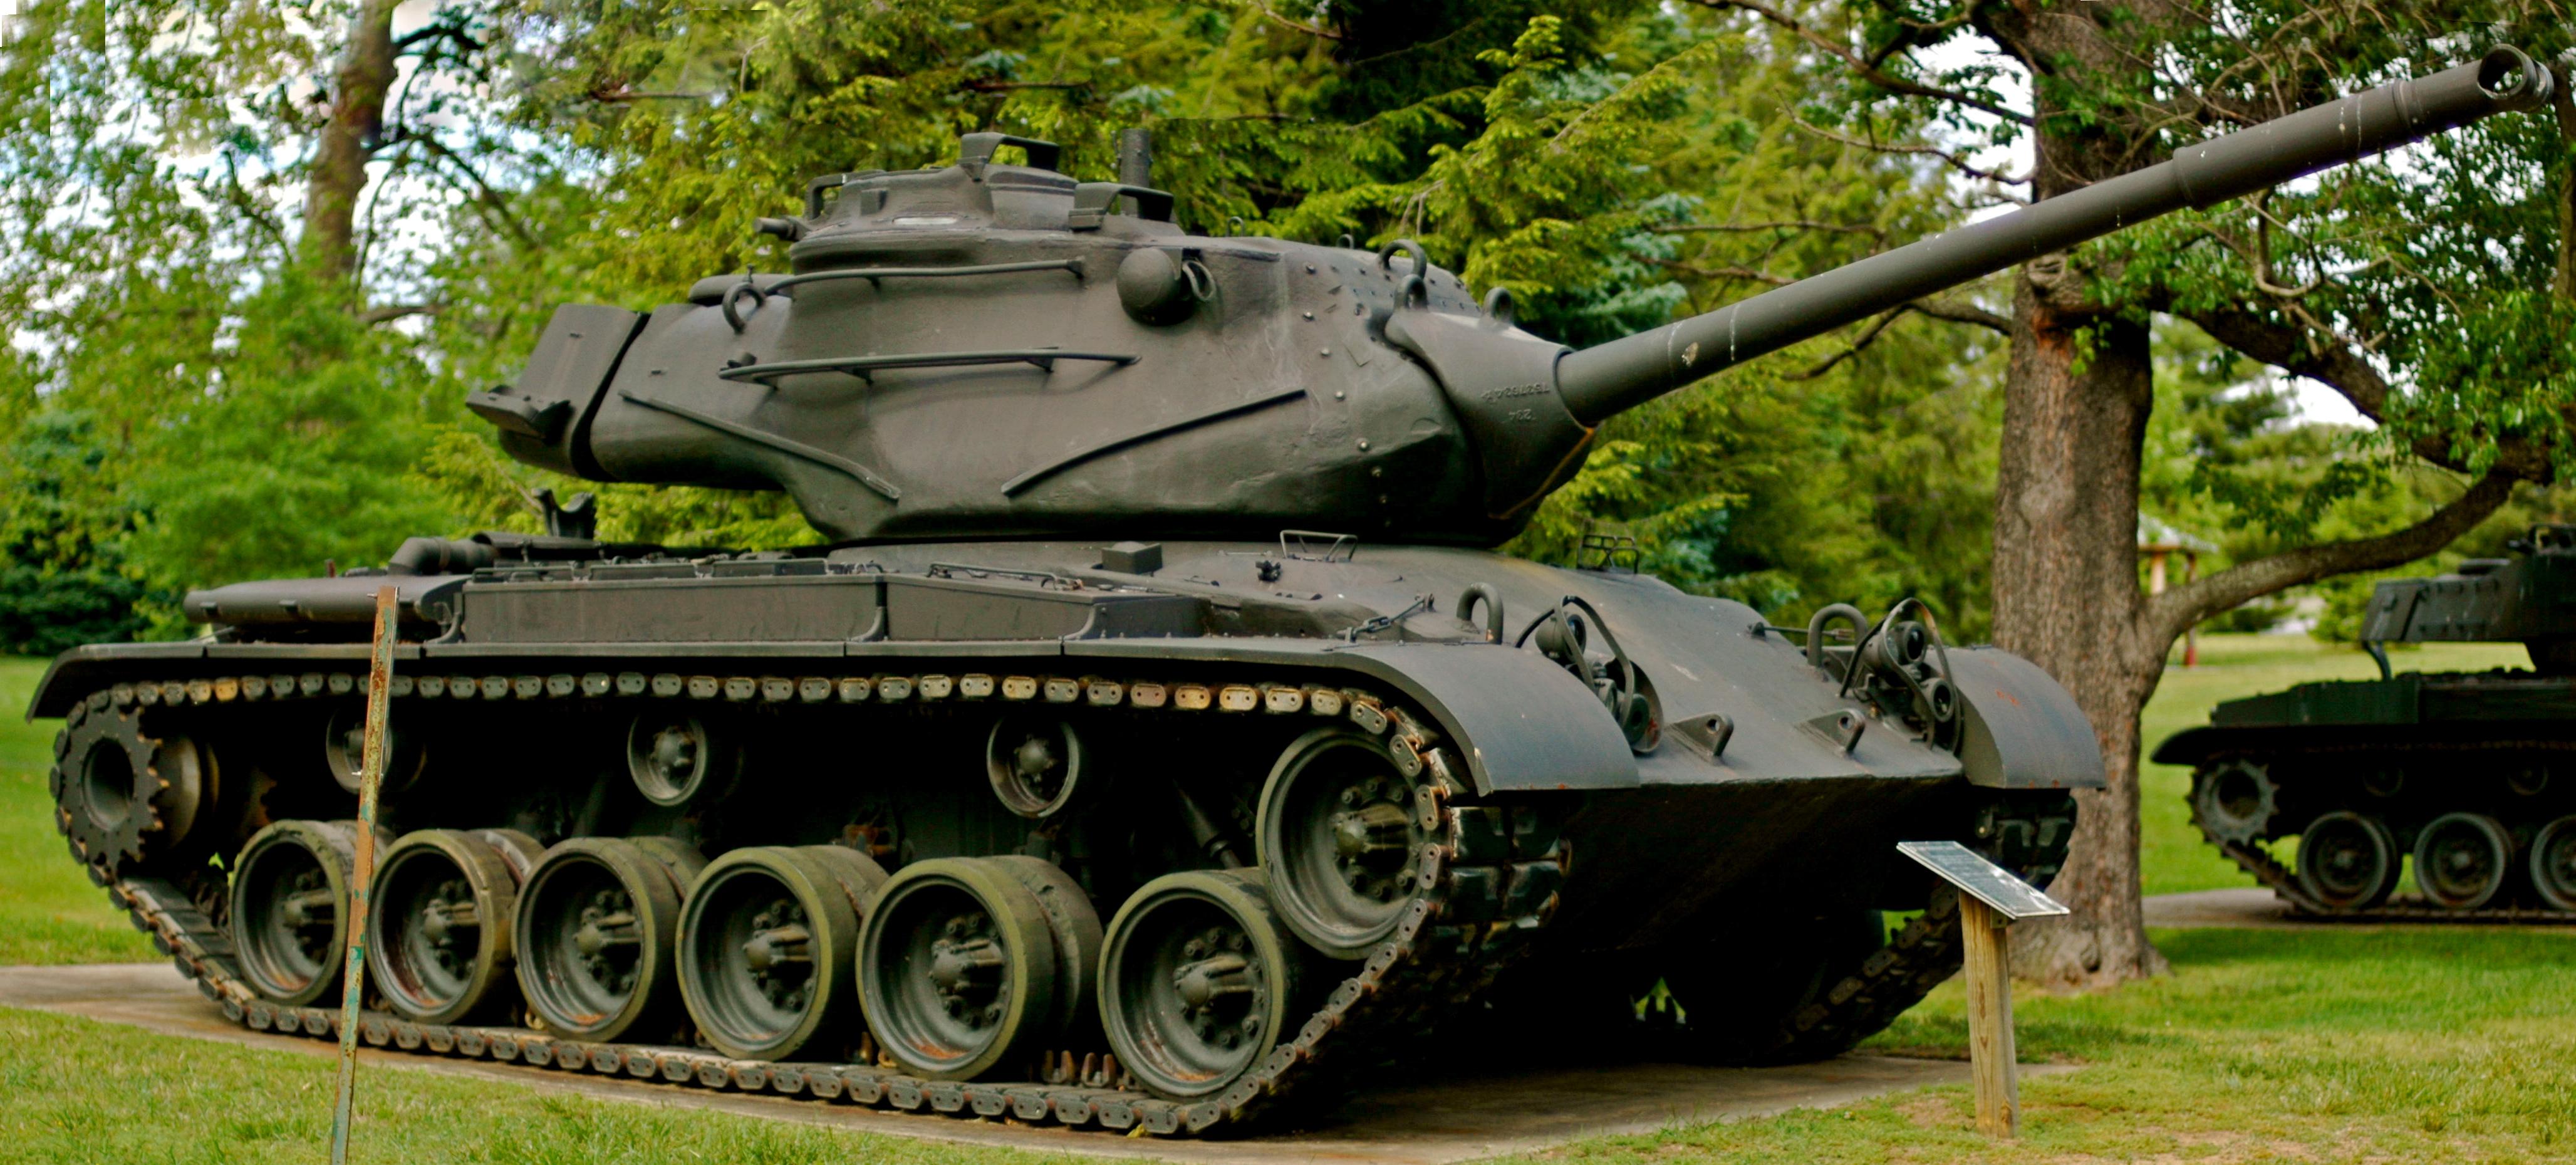 M47 (Kampfpanzer) – Wikipedia